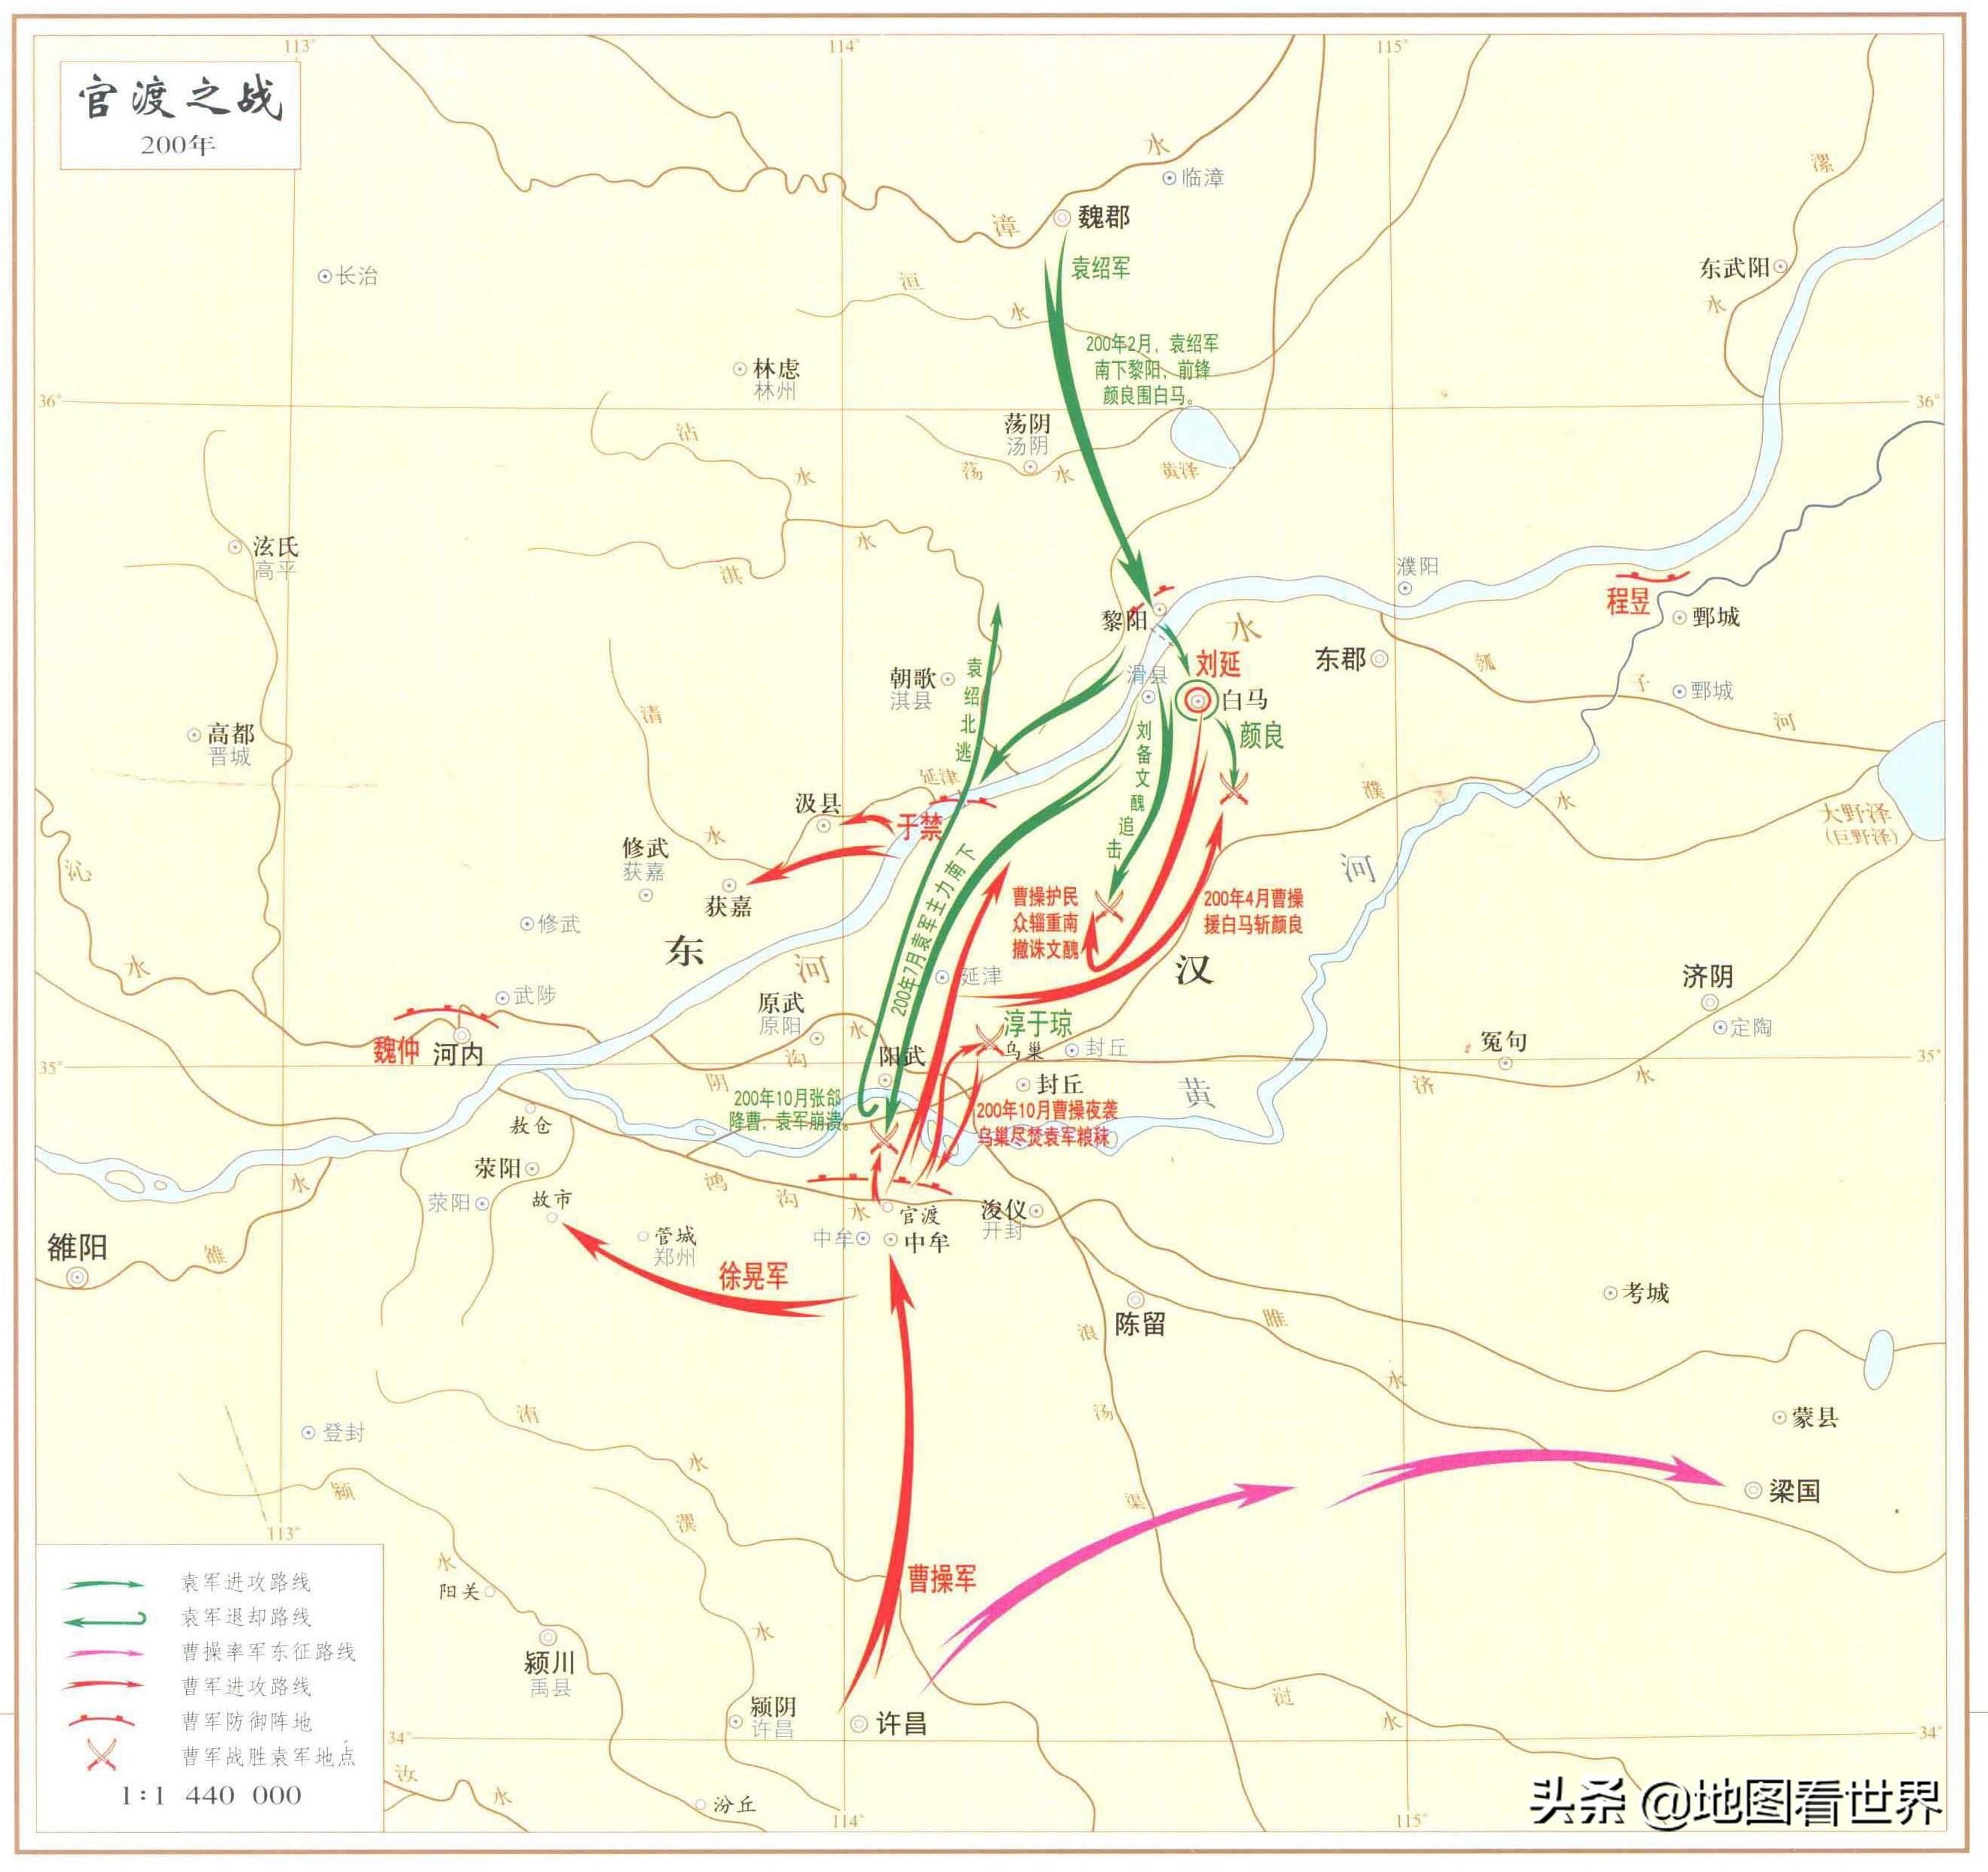 郑州有哪些好玩的地方旅游景点(郑州有哪些区)插图15